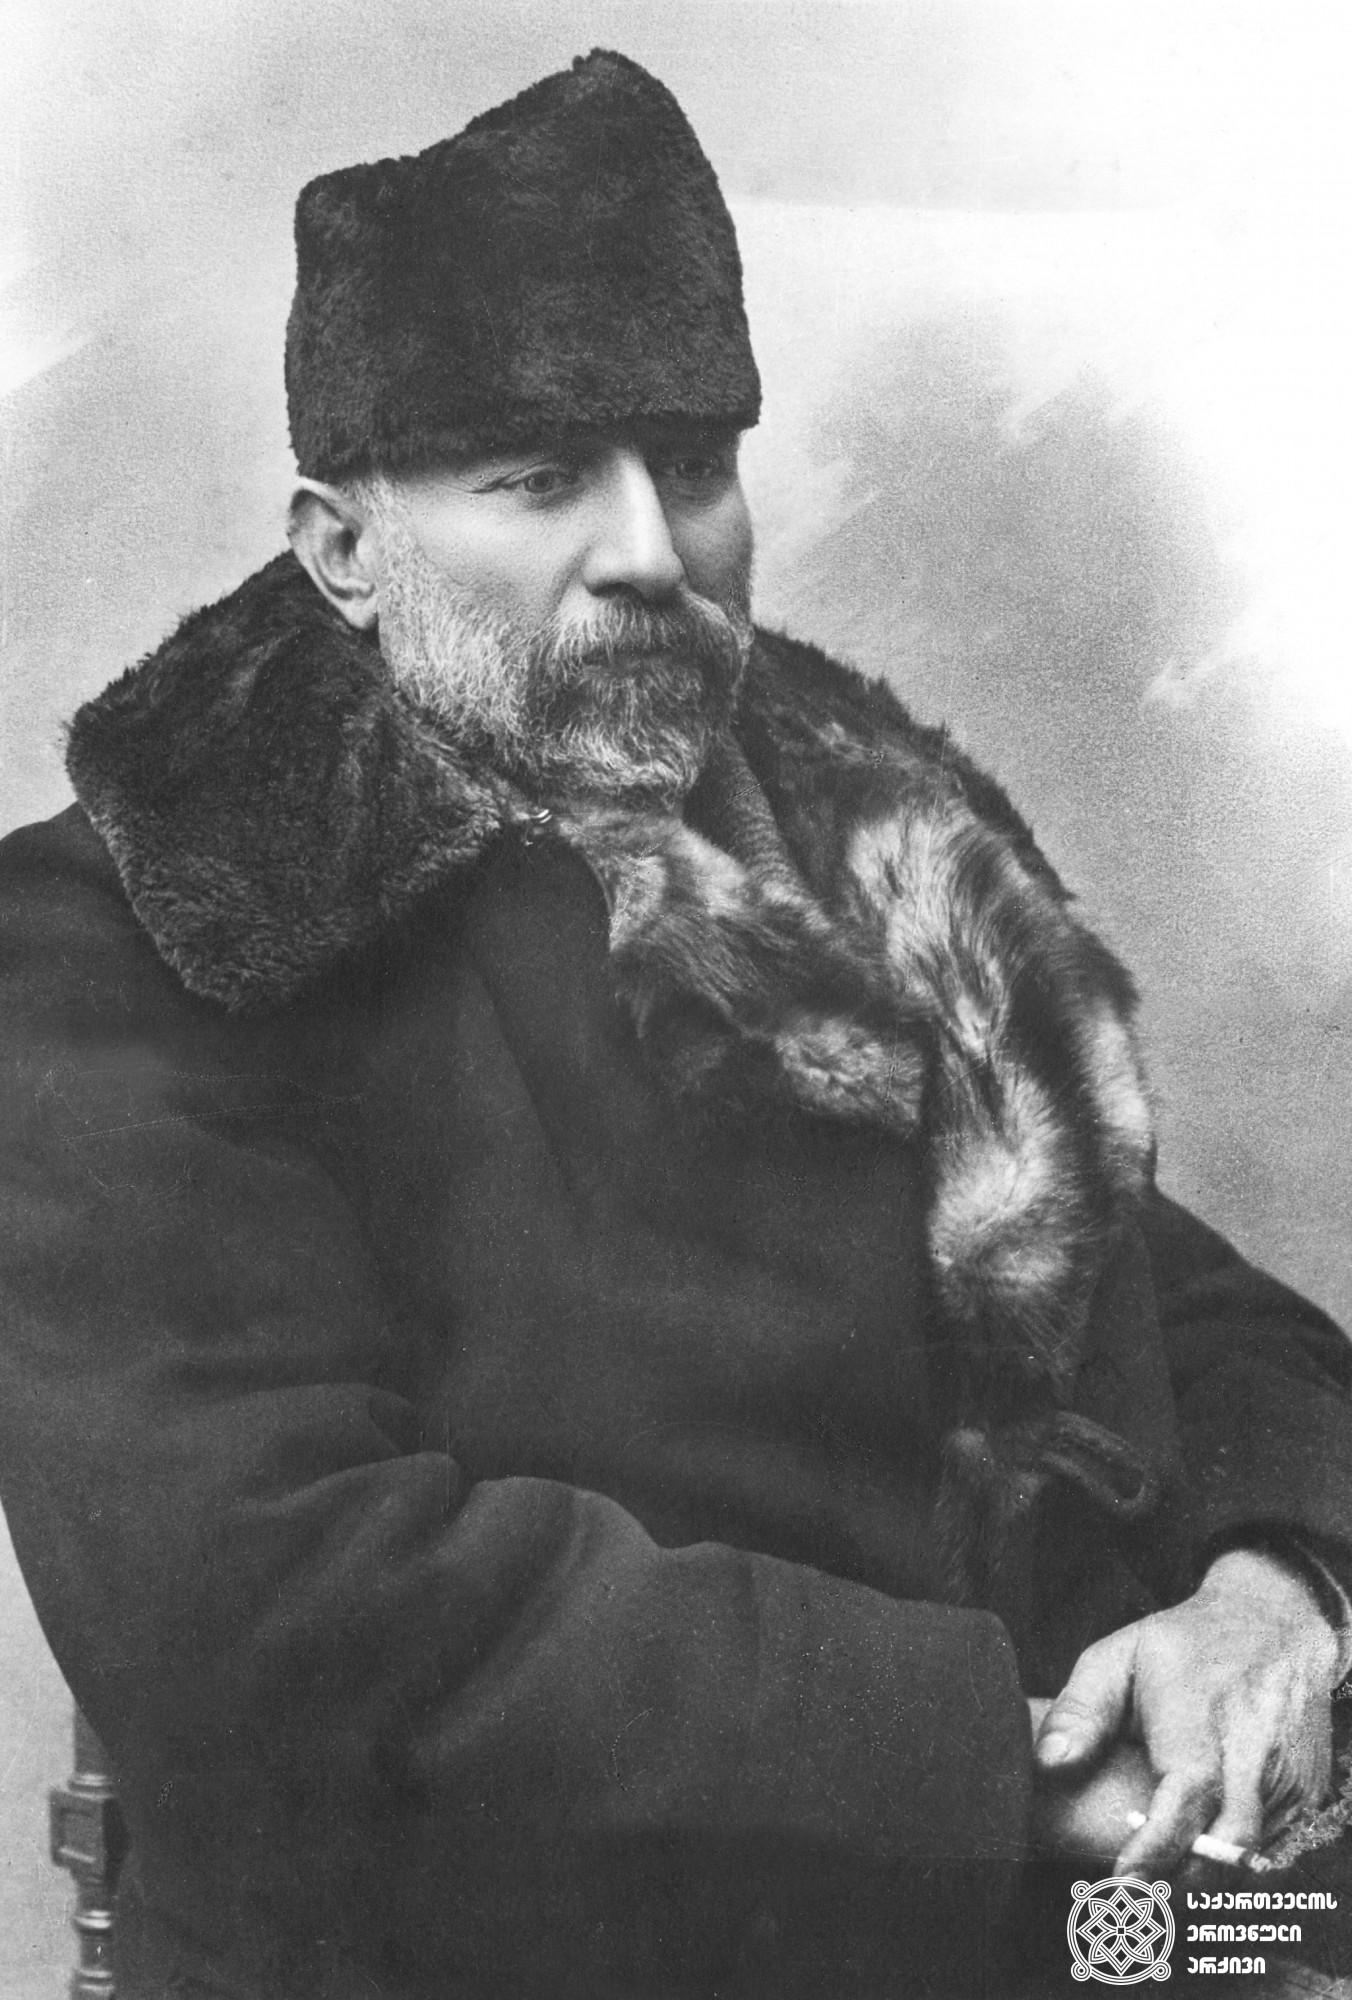 ნიკოლოზ (კარლო) ჩხეიძე - ამიერკავკასიის სეიმის თავმჯდომარე, ქართველი სოციალ-დემოკრატი. <br> Nikoloz (Carlo) Chkheidze, head of the Transcaucasian Sejm, Georgian Social-Democrat.